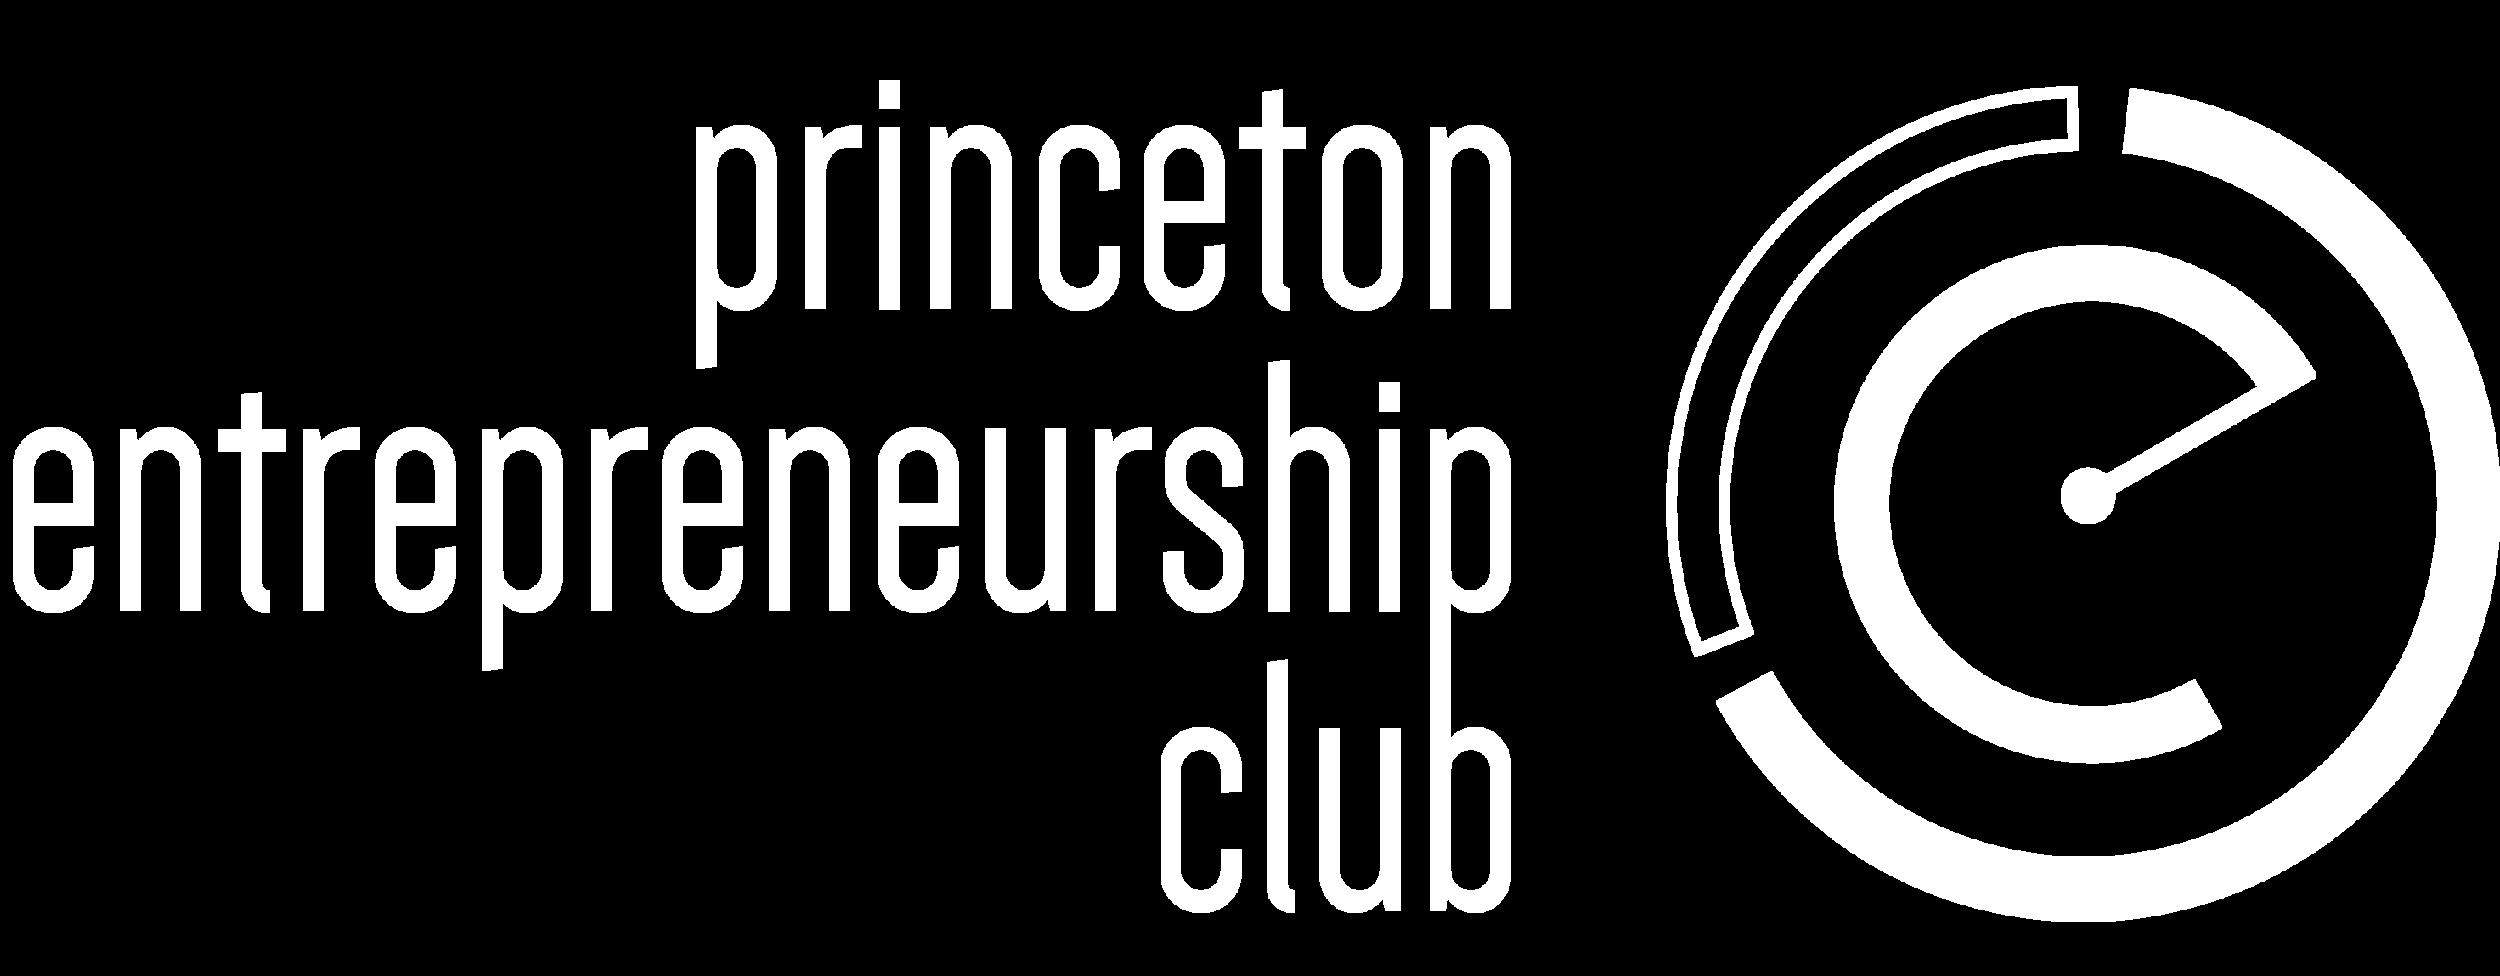 Princeton EClub Logo white.png